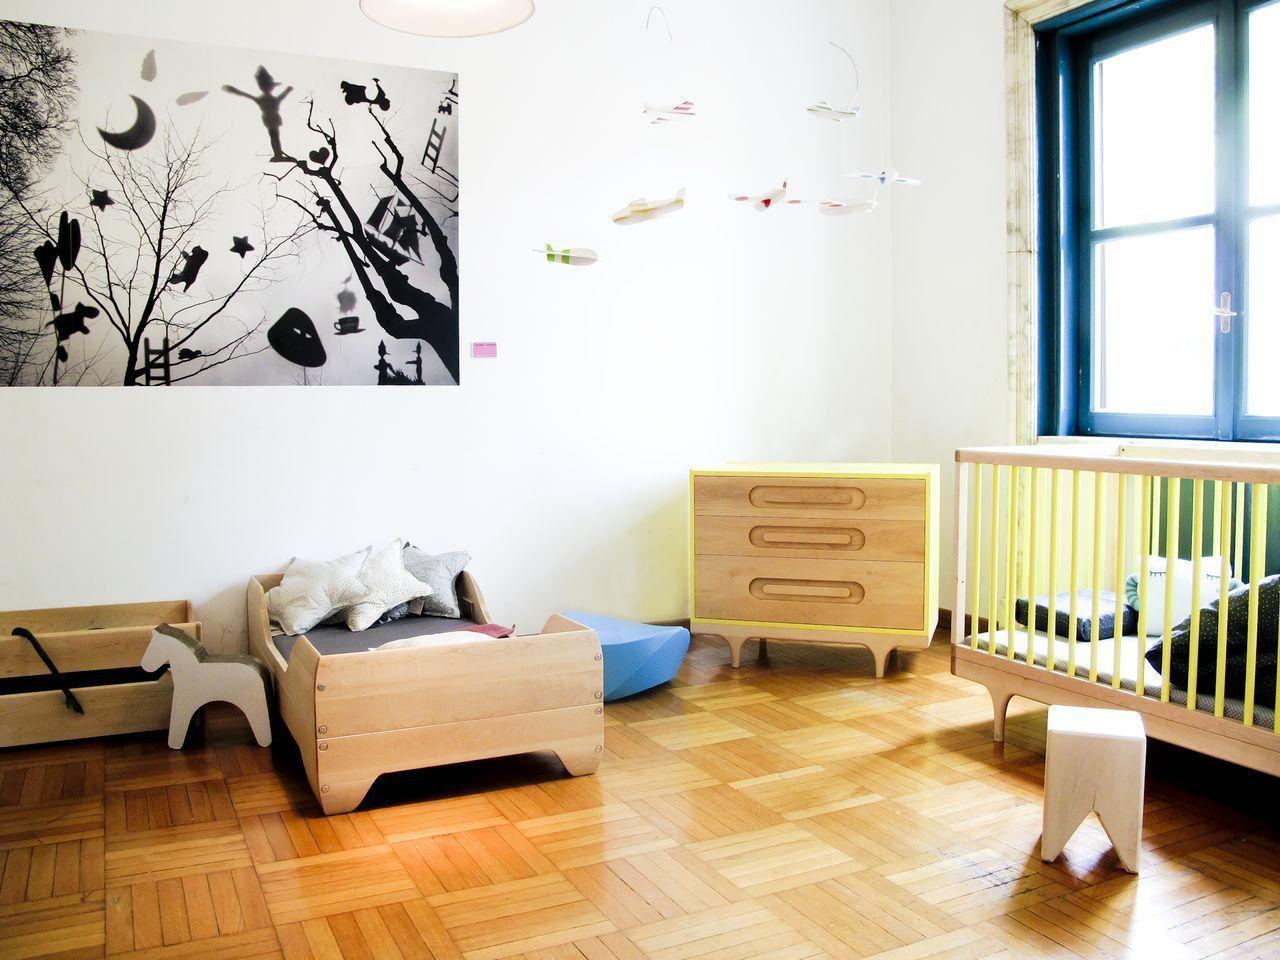 Babybetten Baby möbel, Betten für kinder